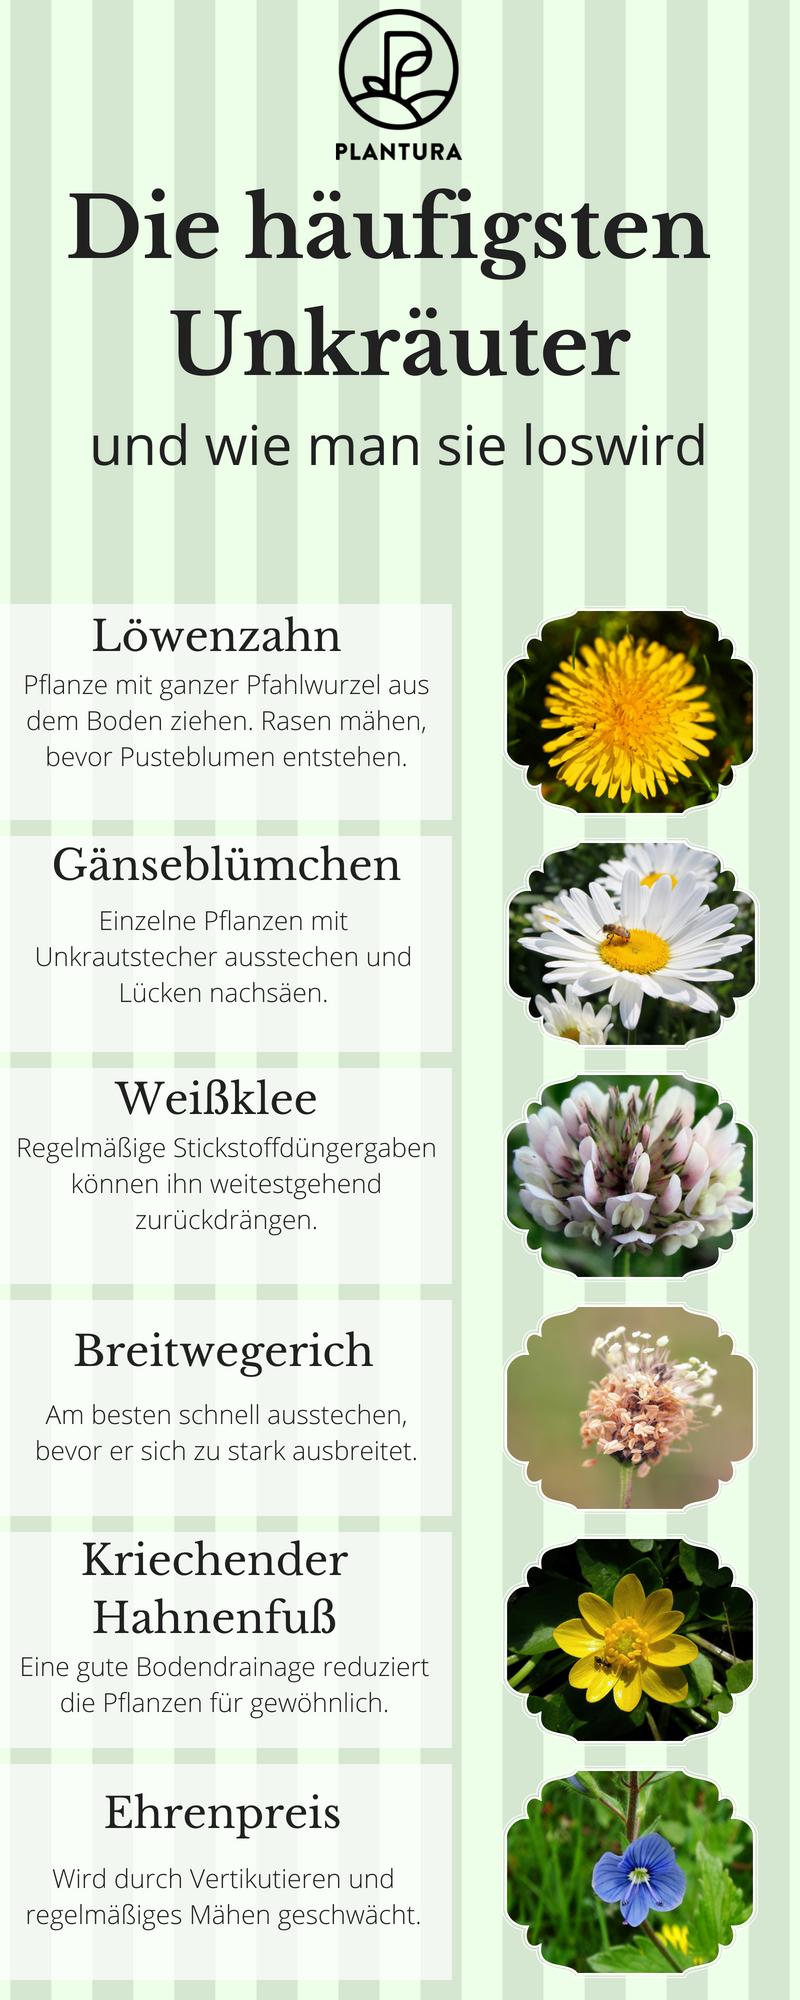 Die Häufigsten Unkräuter Und Wie Man Sie Los Wird.Neben Löwenzahn,  Gänseblümchen, Weißklee